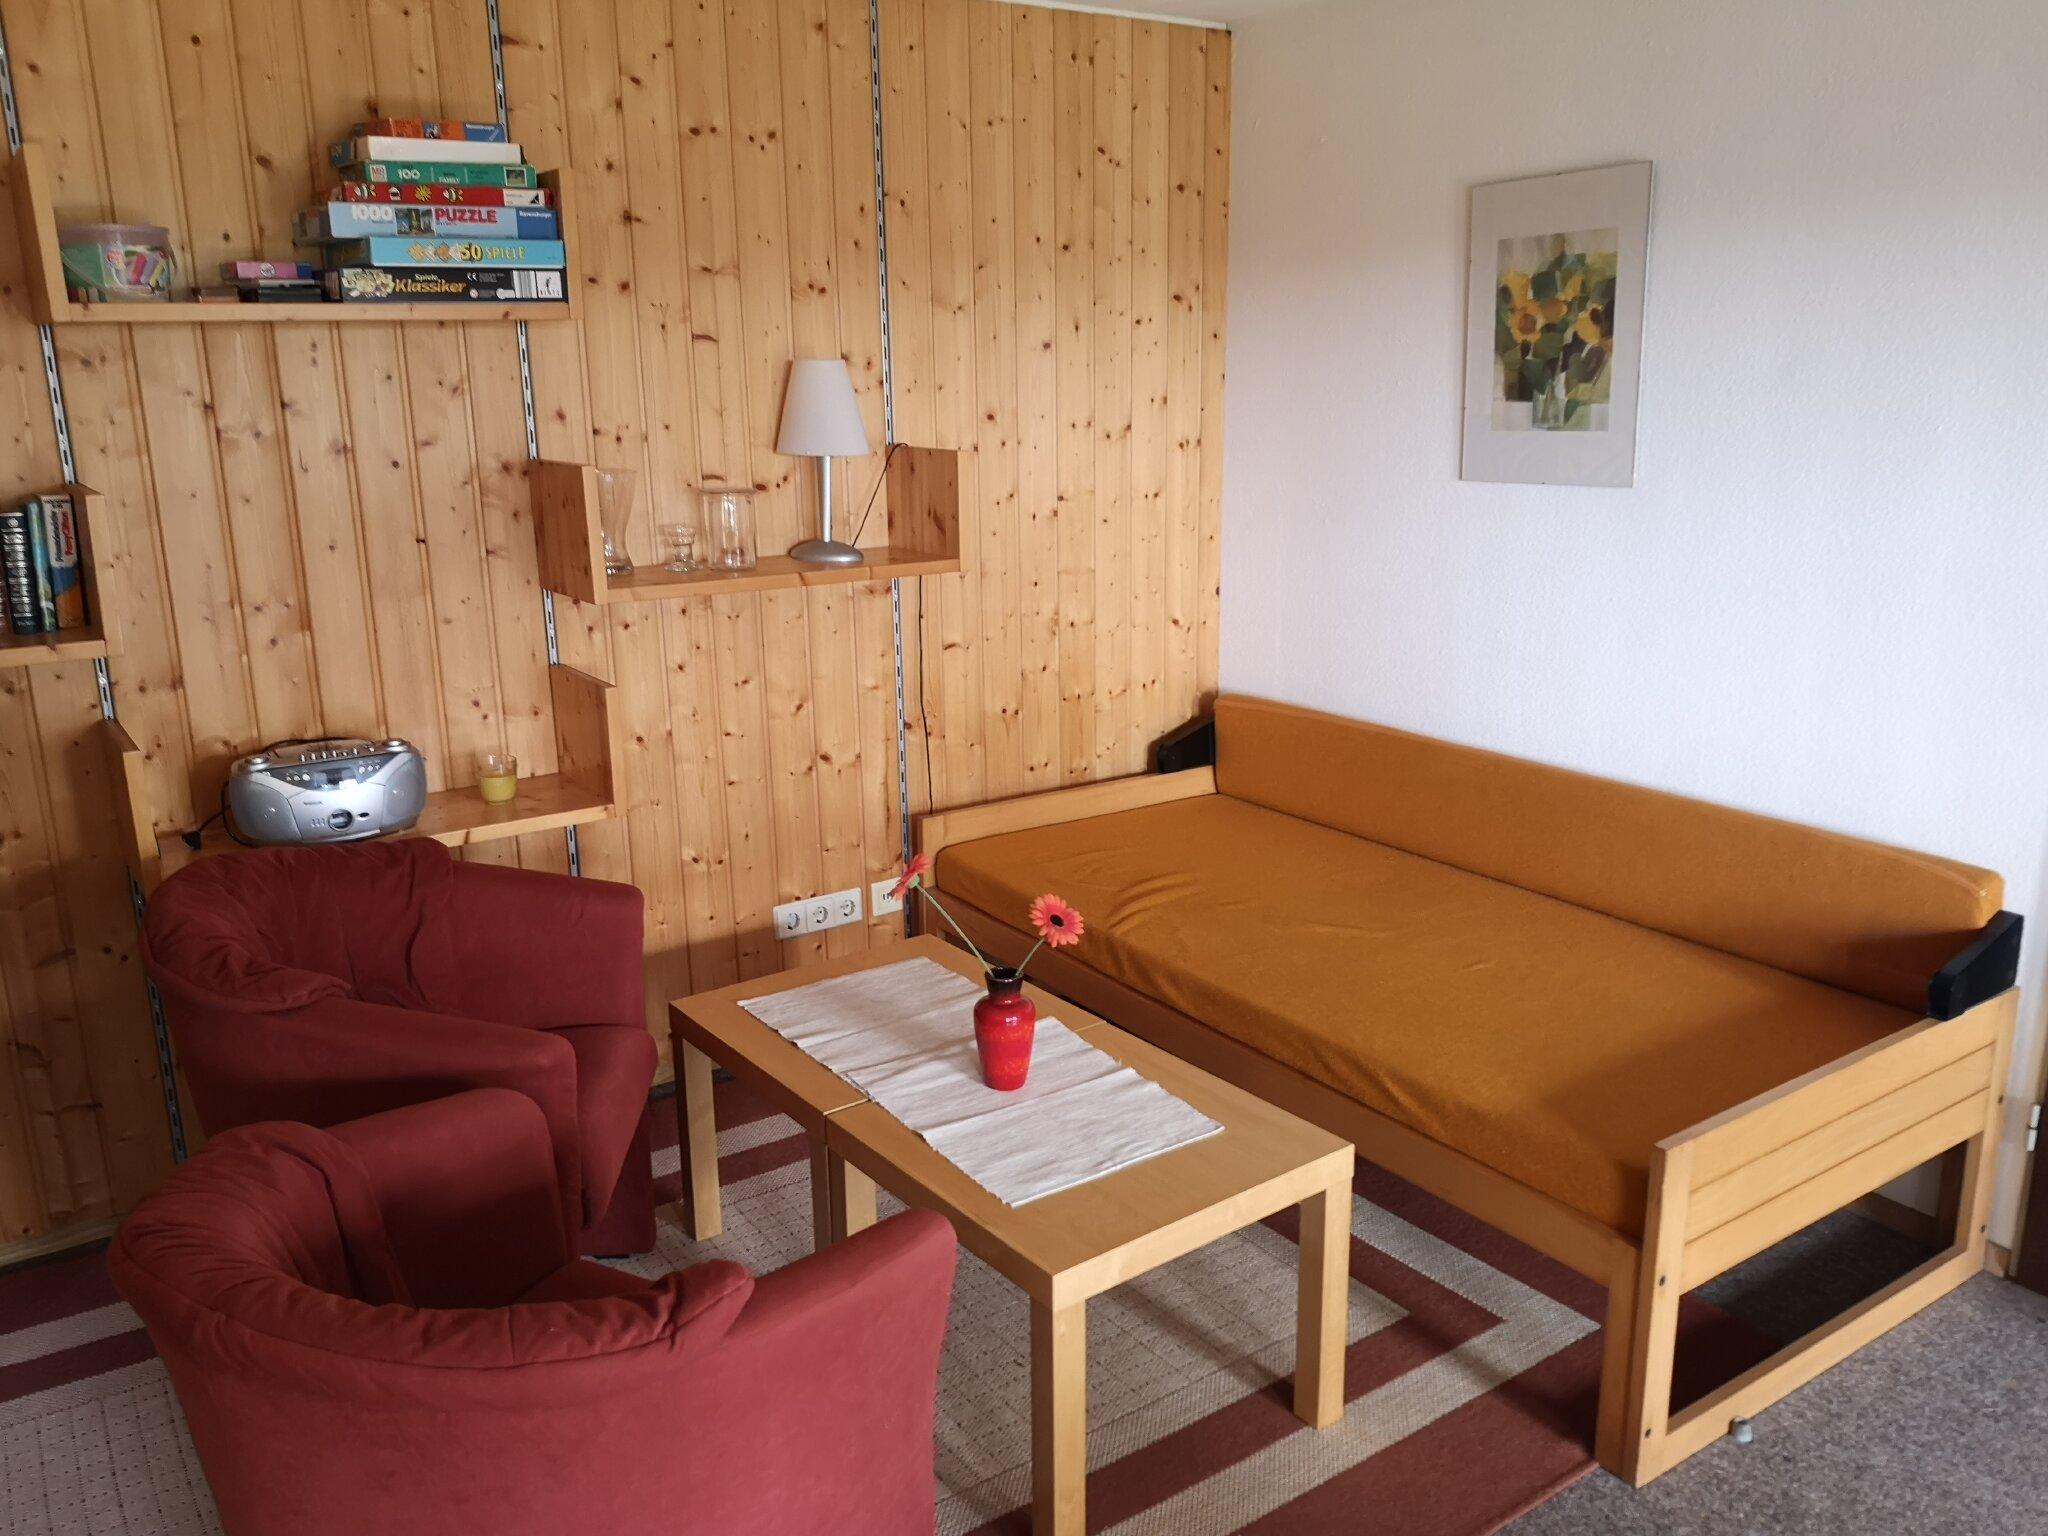 Wohnzimmer/Sitzecke der Terrassenwohnung